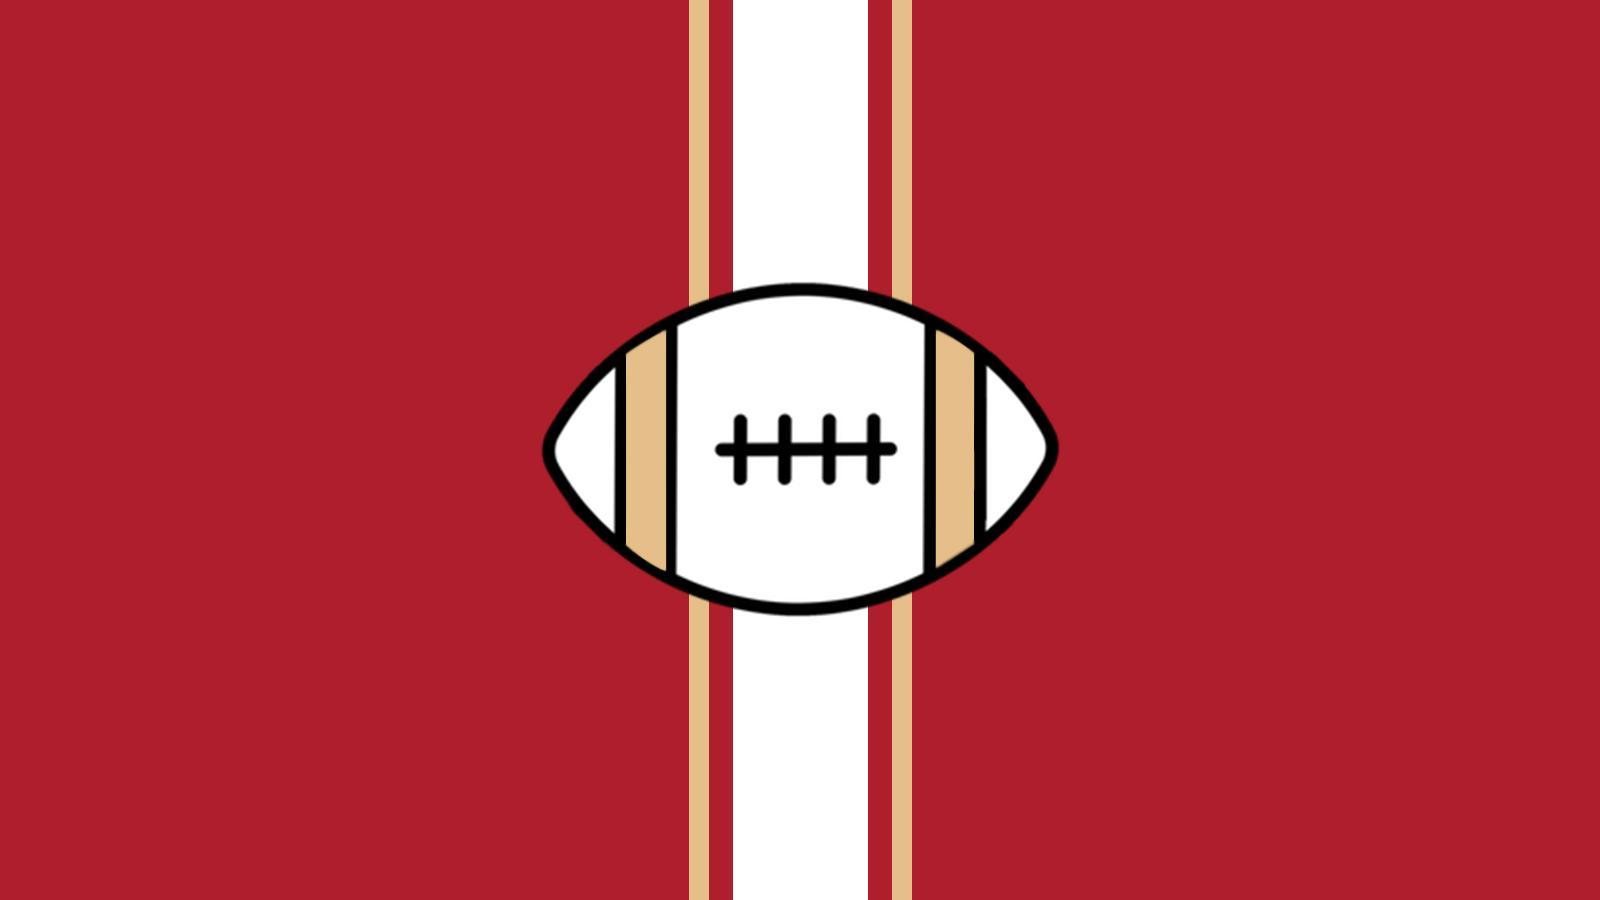 Los Angeles Rams at San Francisco 49ers